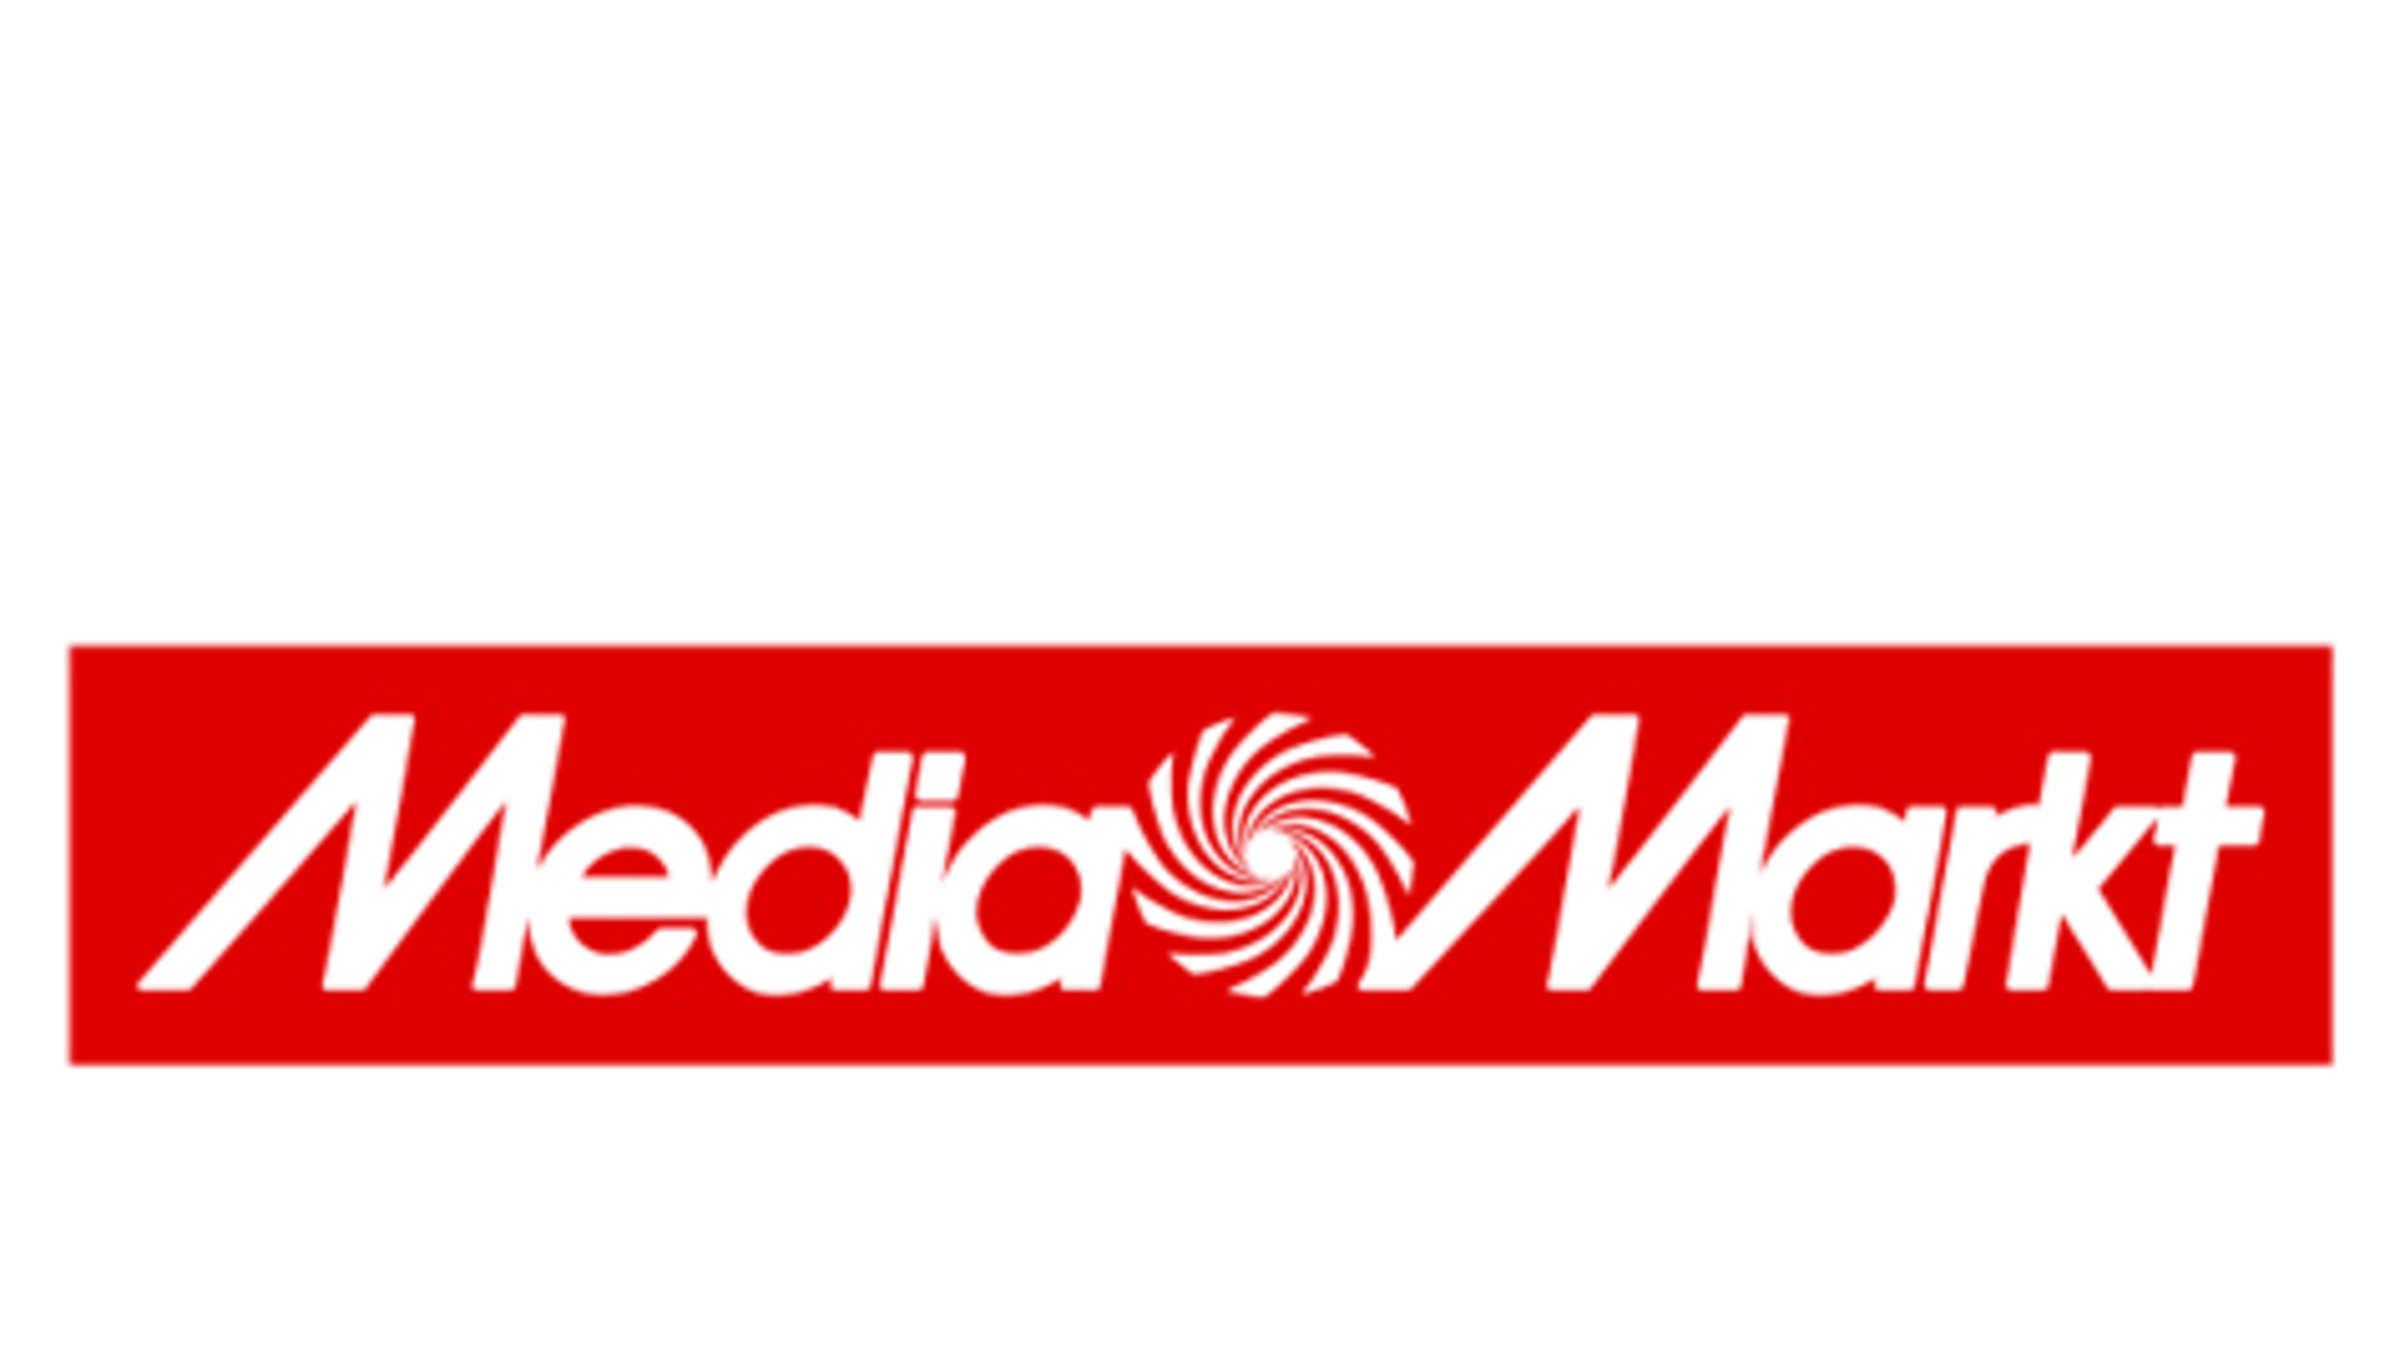 Vorankündigung Gutscheinheft Mediamarkt u.a. 15% auf LG-Fernseher (2019 Modelle)